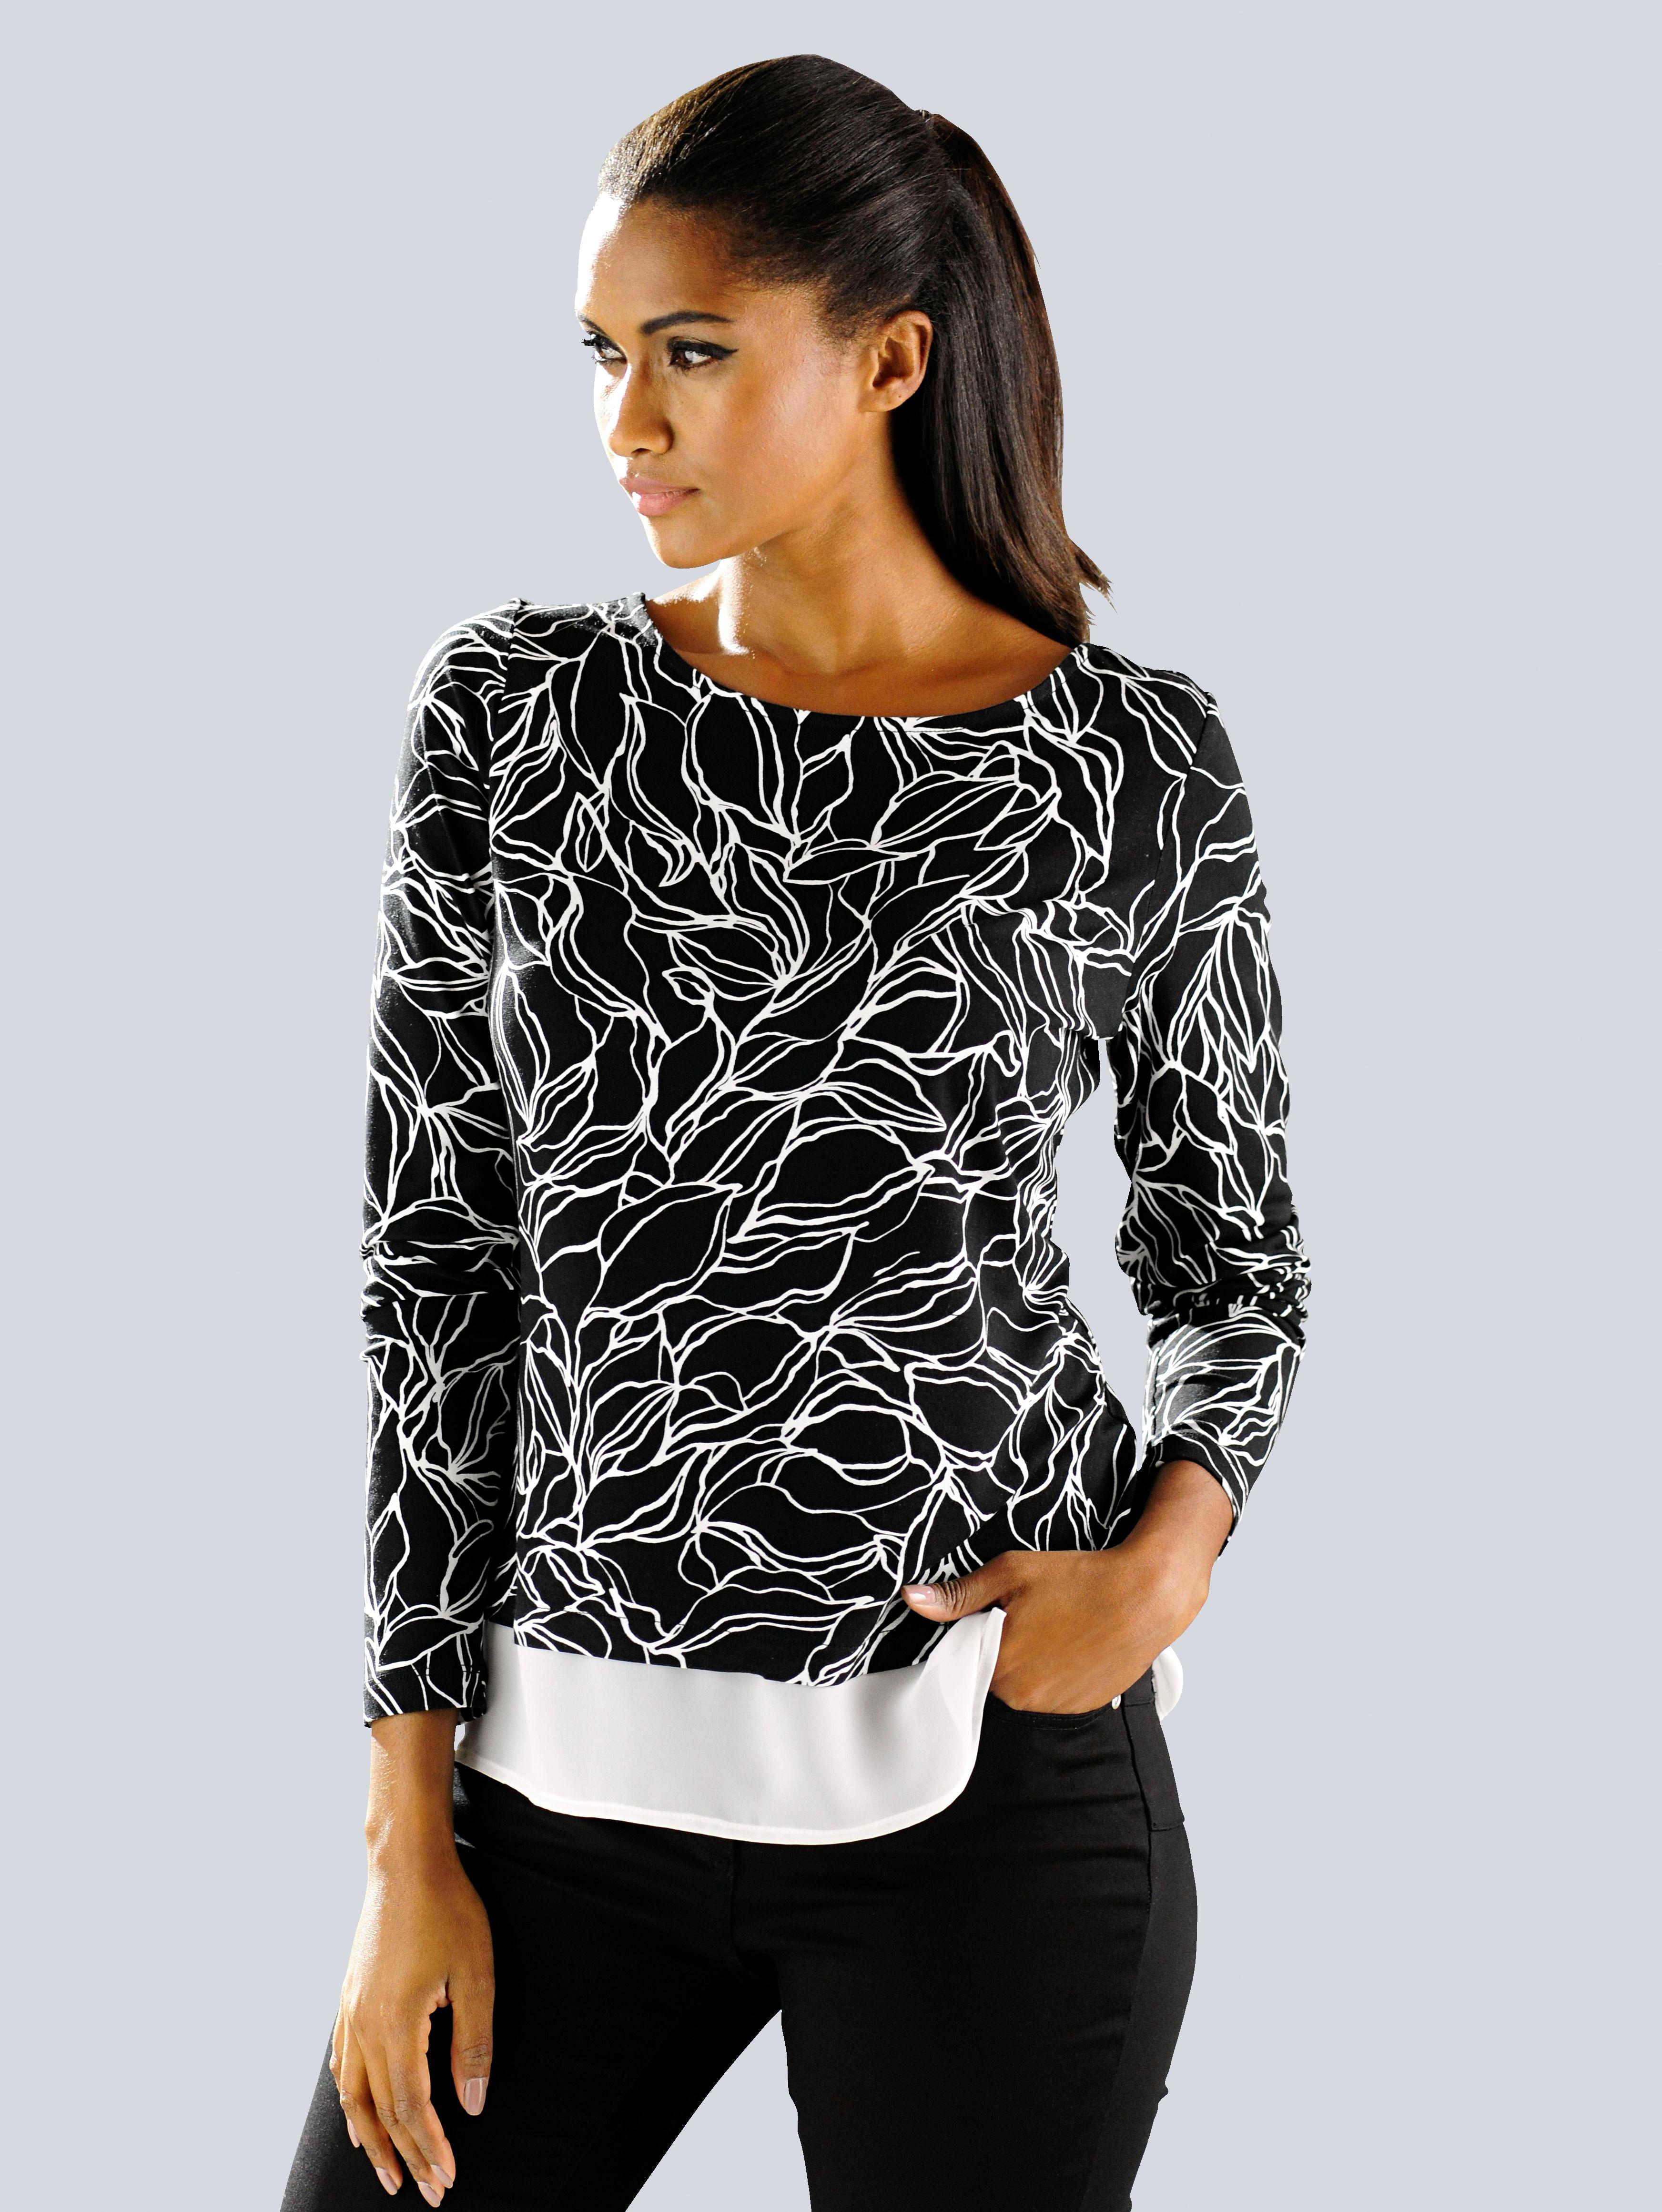 Damenhemden für die neue Saison | Mode | Blouse, Long sleeve